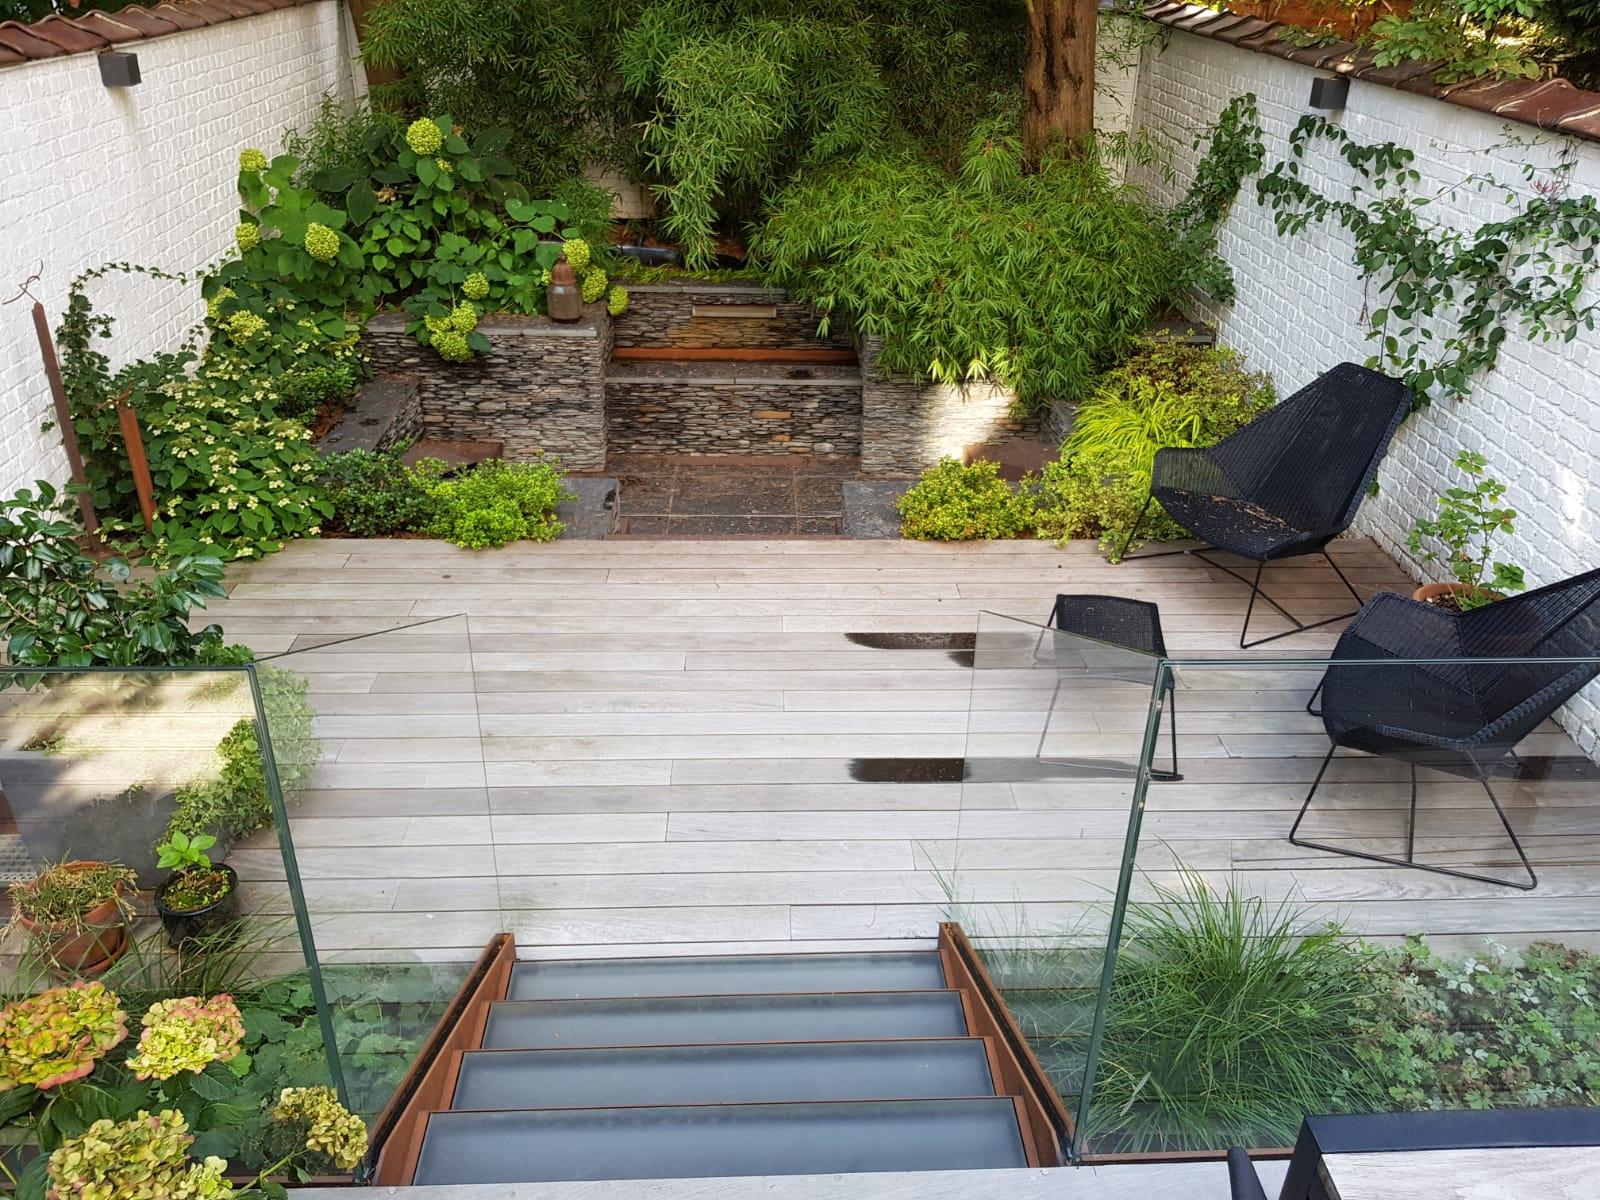 Amenagement jardin bruxelles paysagiste bruxelles - Amenagement de jardin et terrasse ...